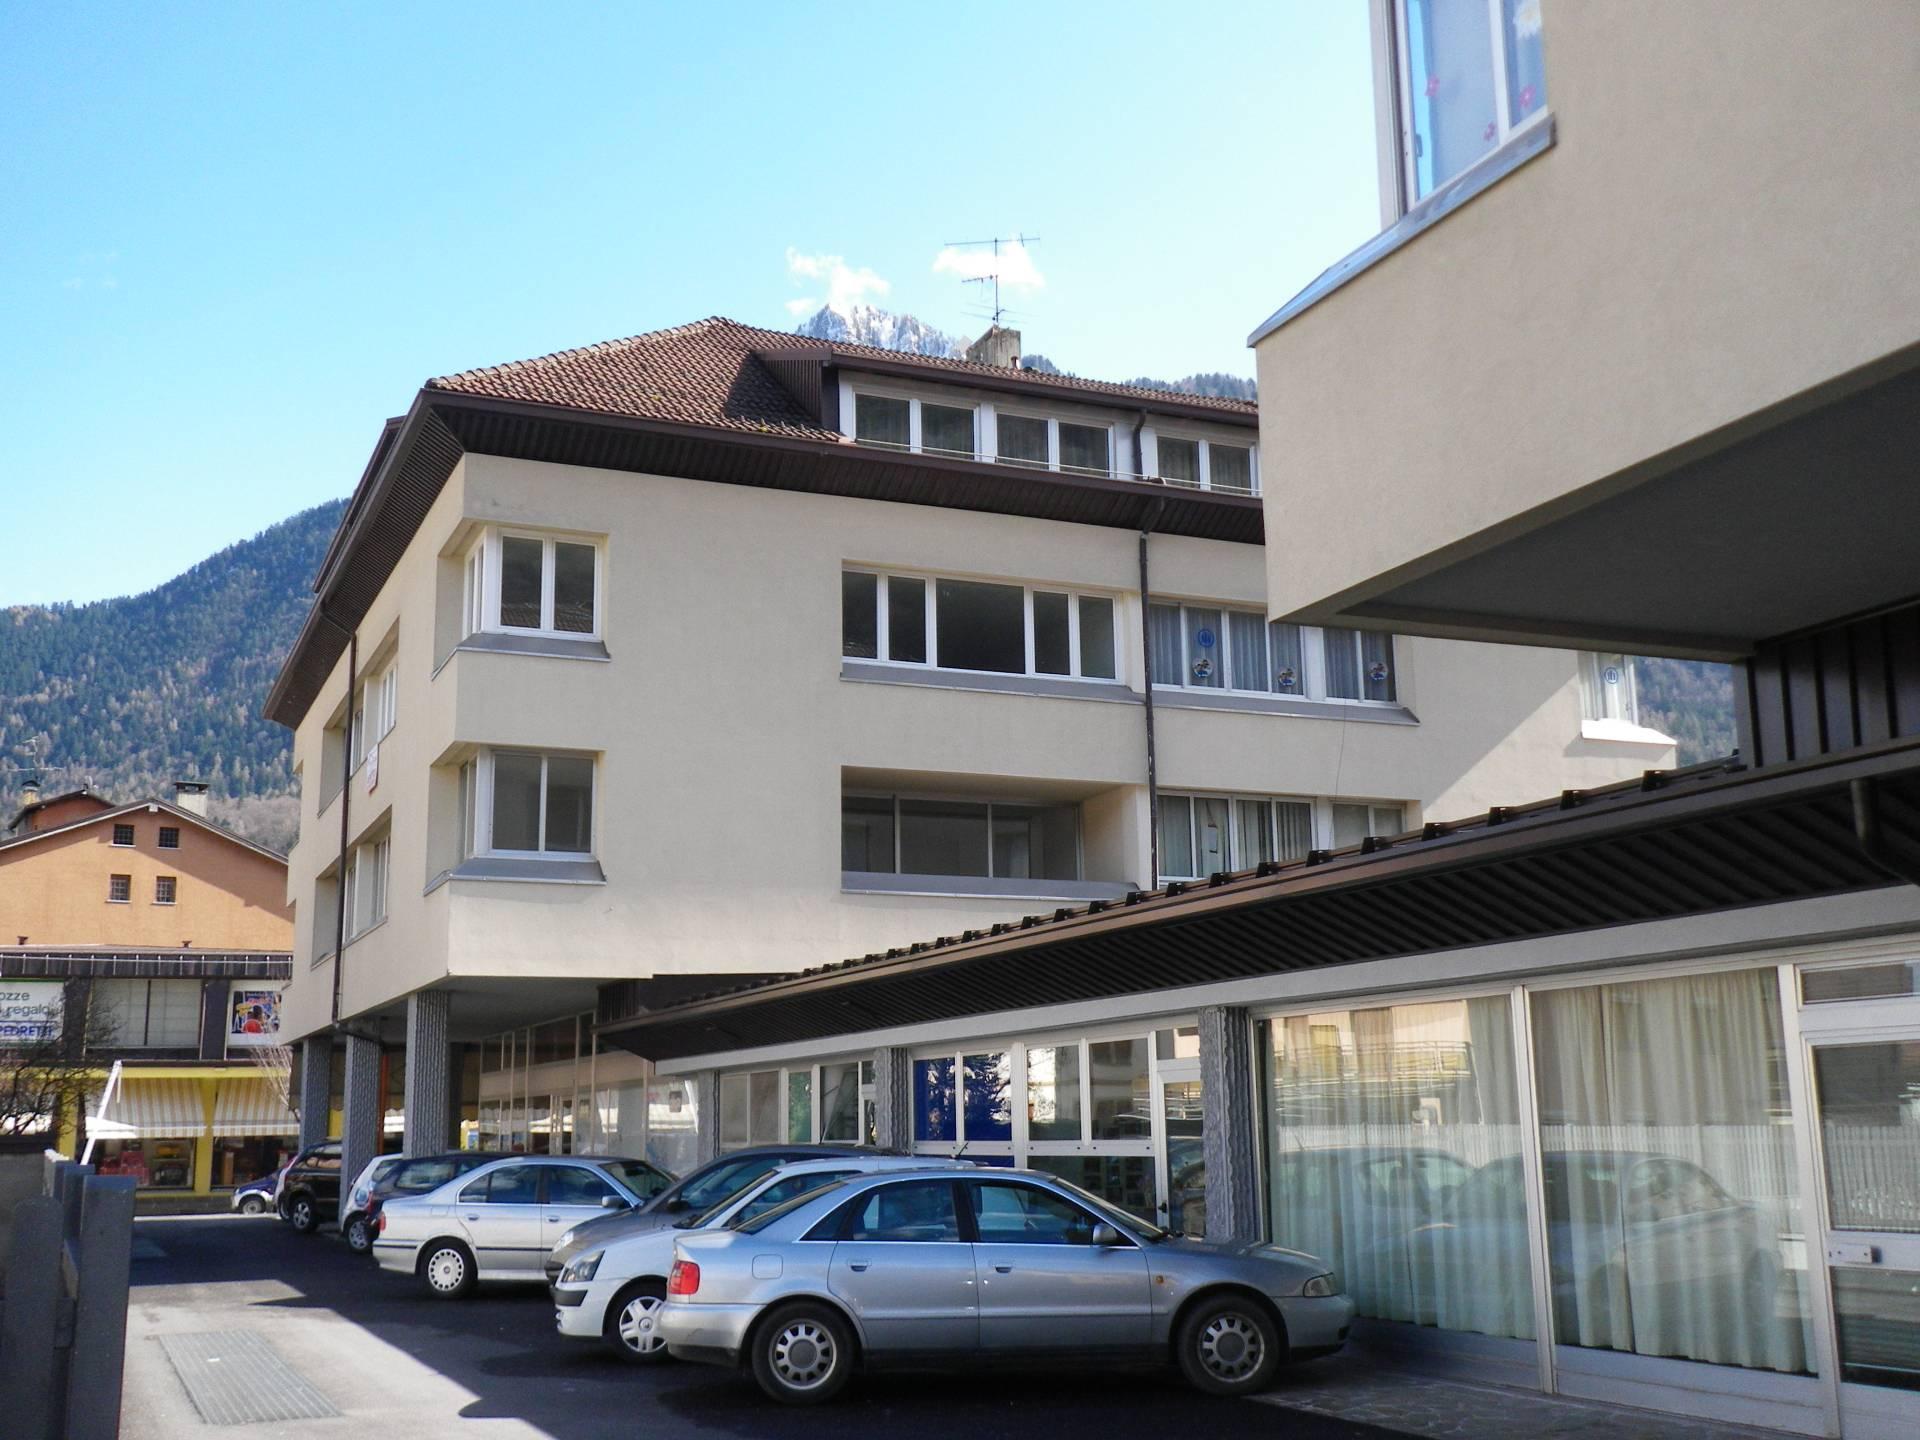 Negozio / Locale in affitto a Tione di Trento, 9999 locali, prezzo € 500 | CambioCasa.it